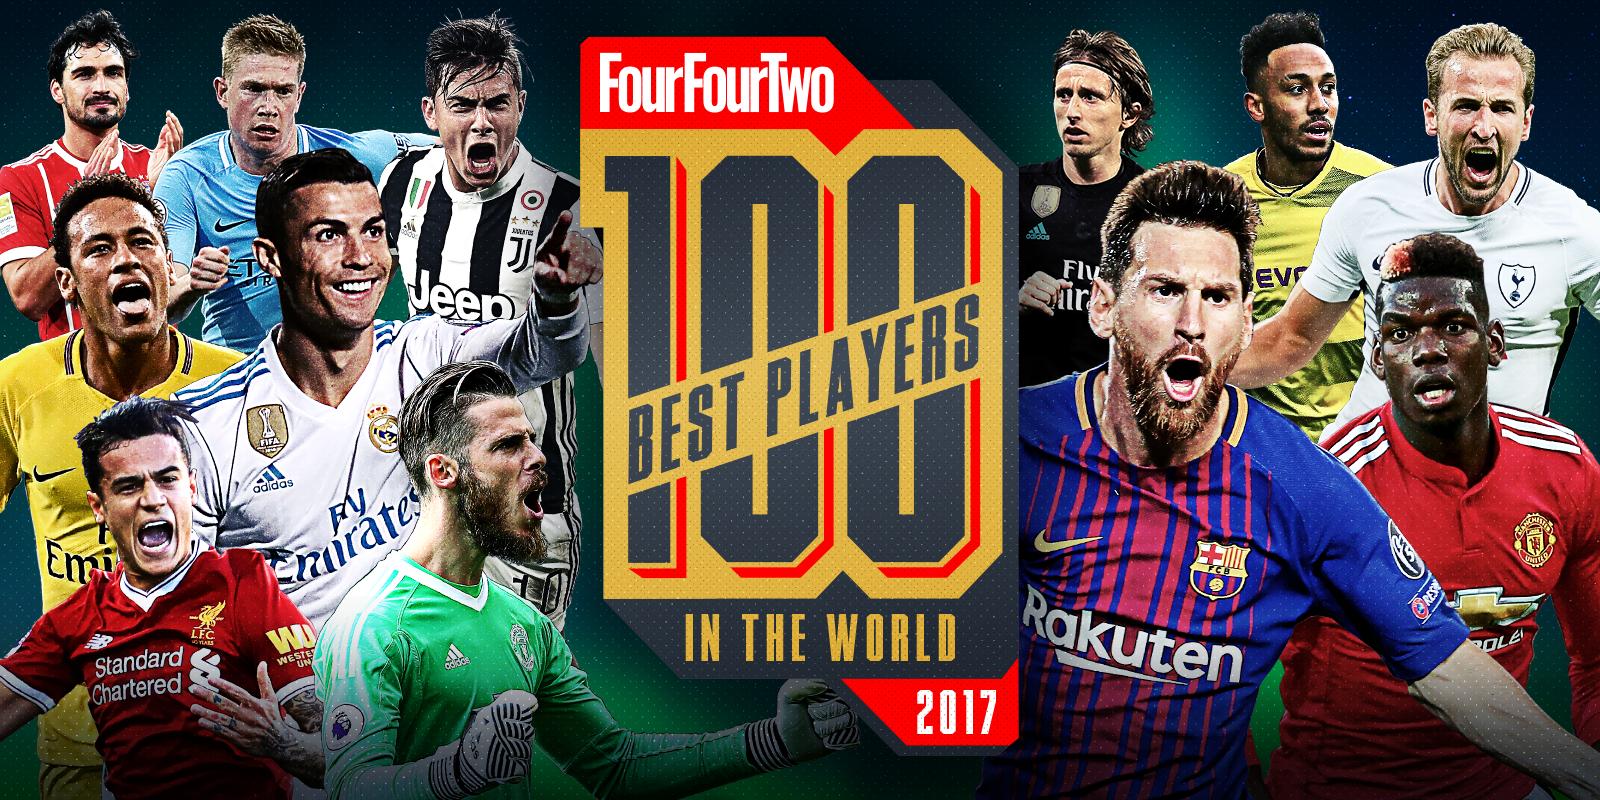 《442》评2017百大球星:梅西、C罗、内马尔分列前三